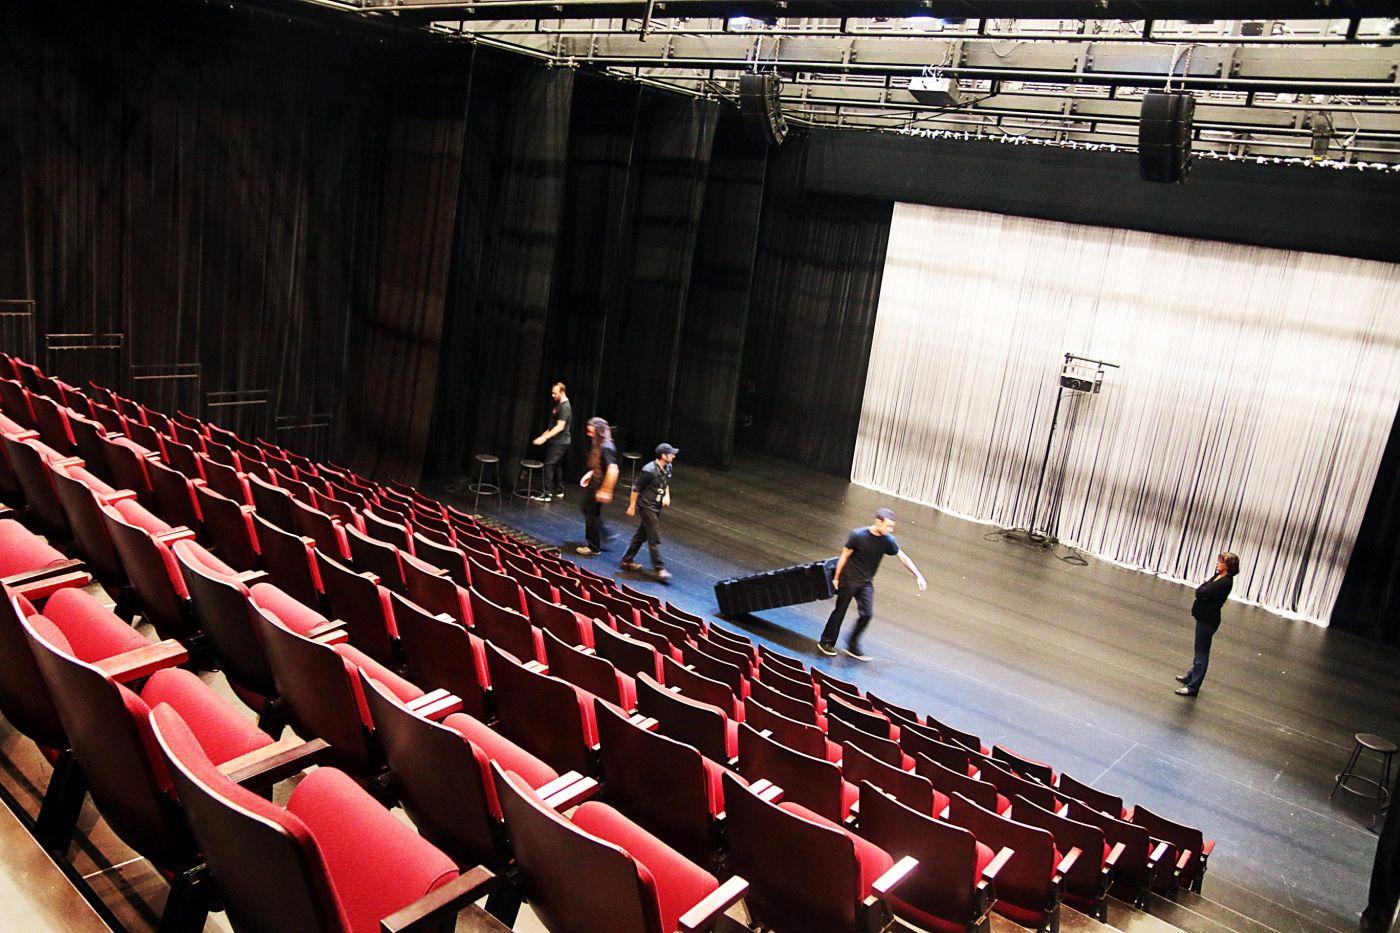 Photographie en couleur, prise de biais. Une salle de théâtre vue d'en haut, à partir des rangées de sièges rouge vif disposées en gradins. Cinq techniciens vêtus en noir travaillent sur la scène.